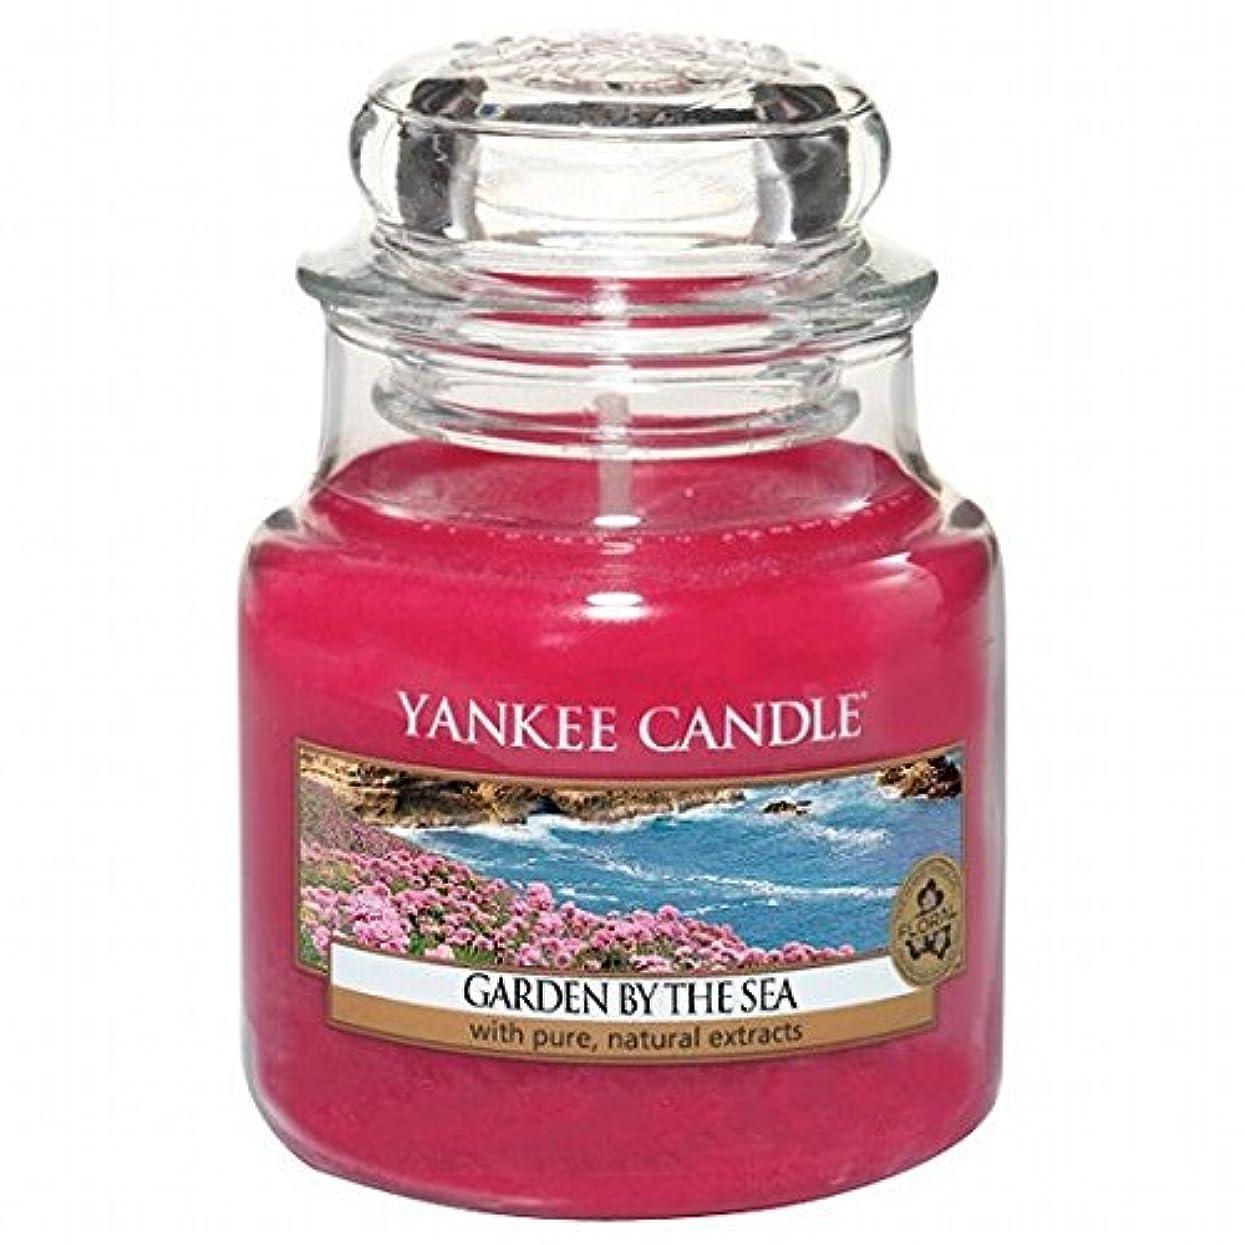 カニ農奴黒YANKEE CANDLE(ヤンキーキャンドル) YANKEE CANDLE ジャーS 「ガーデンバイザシー」(K00305291)